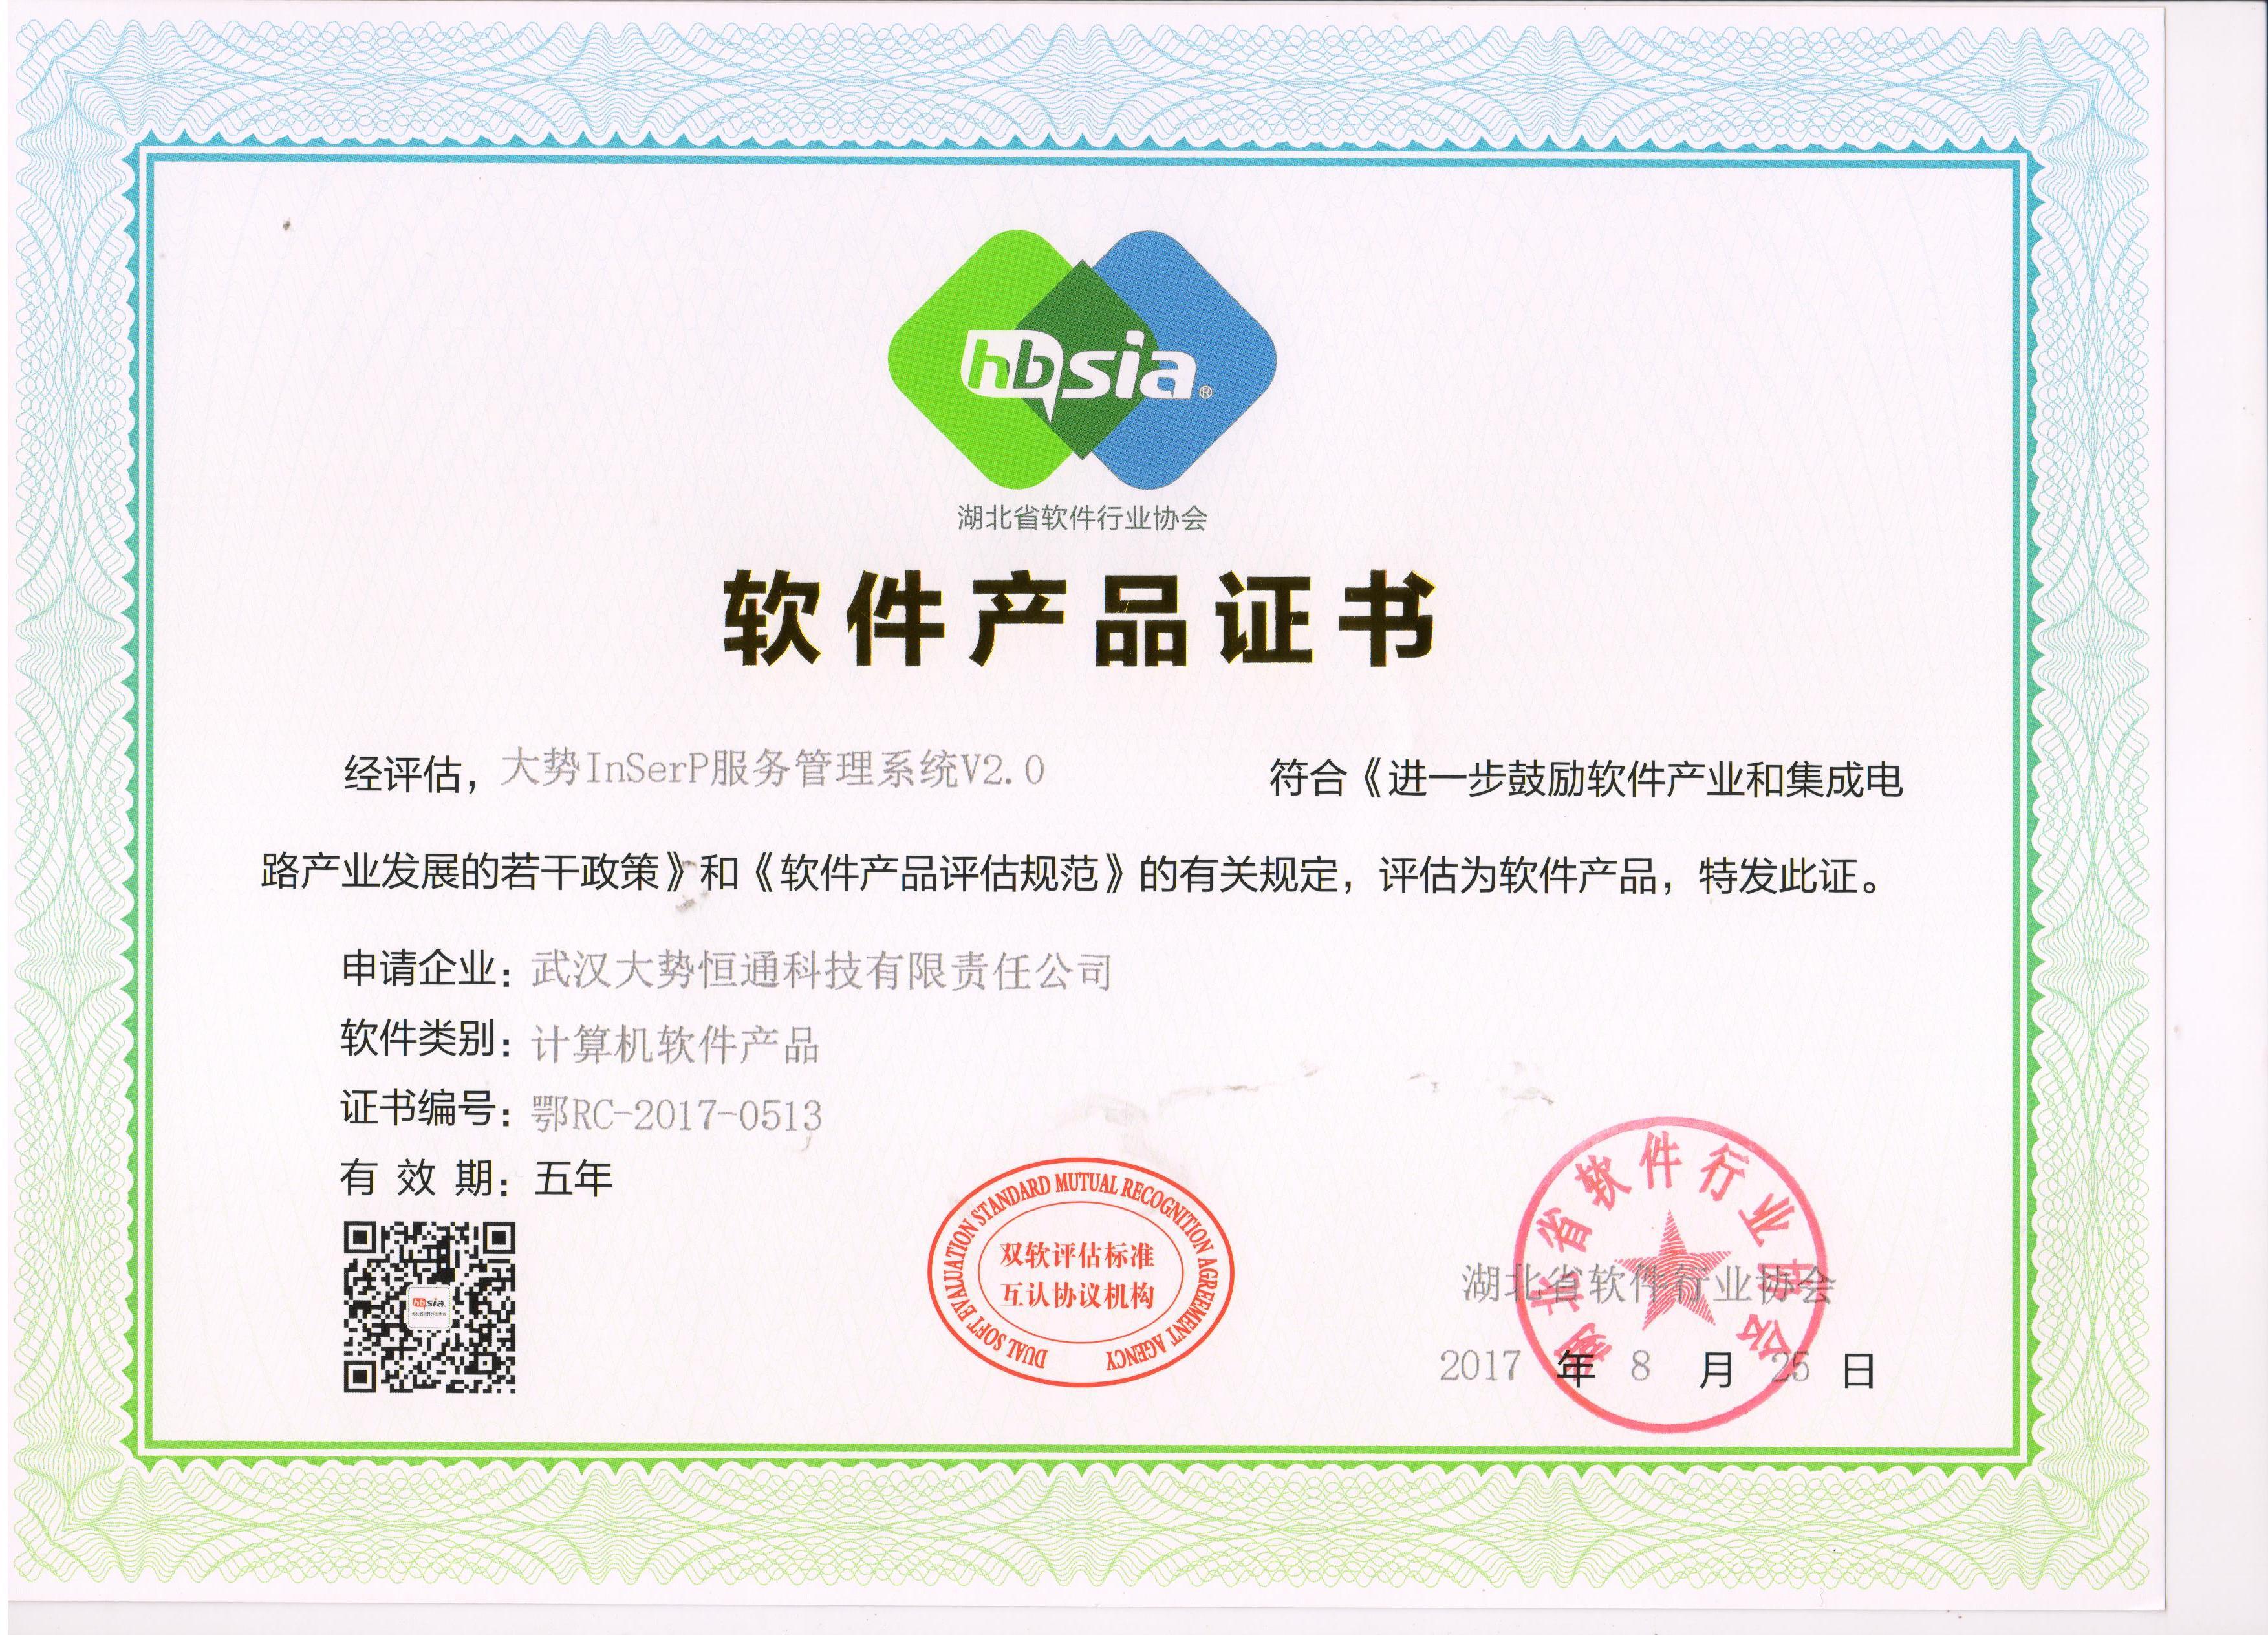 ITSM2.0软件产品登记